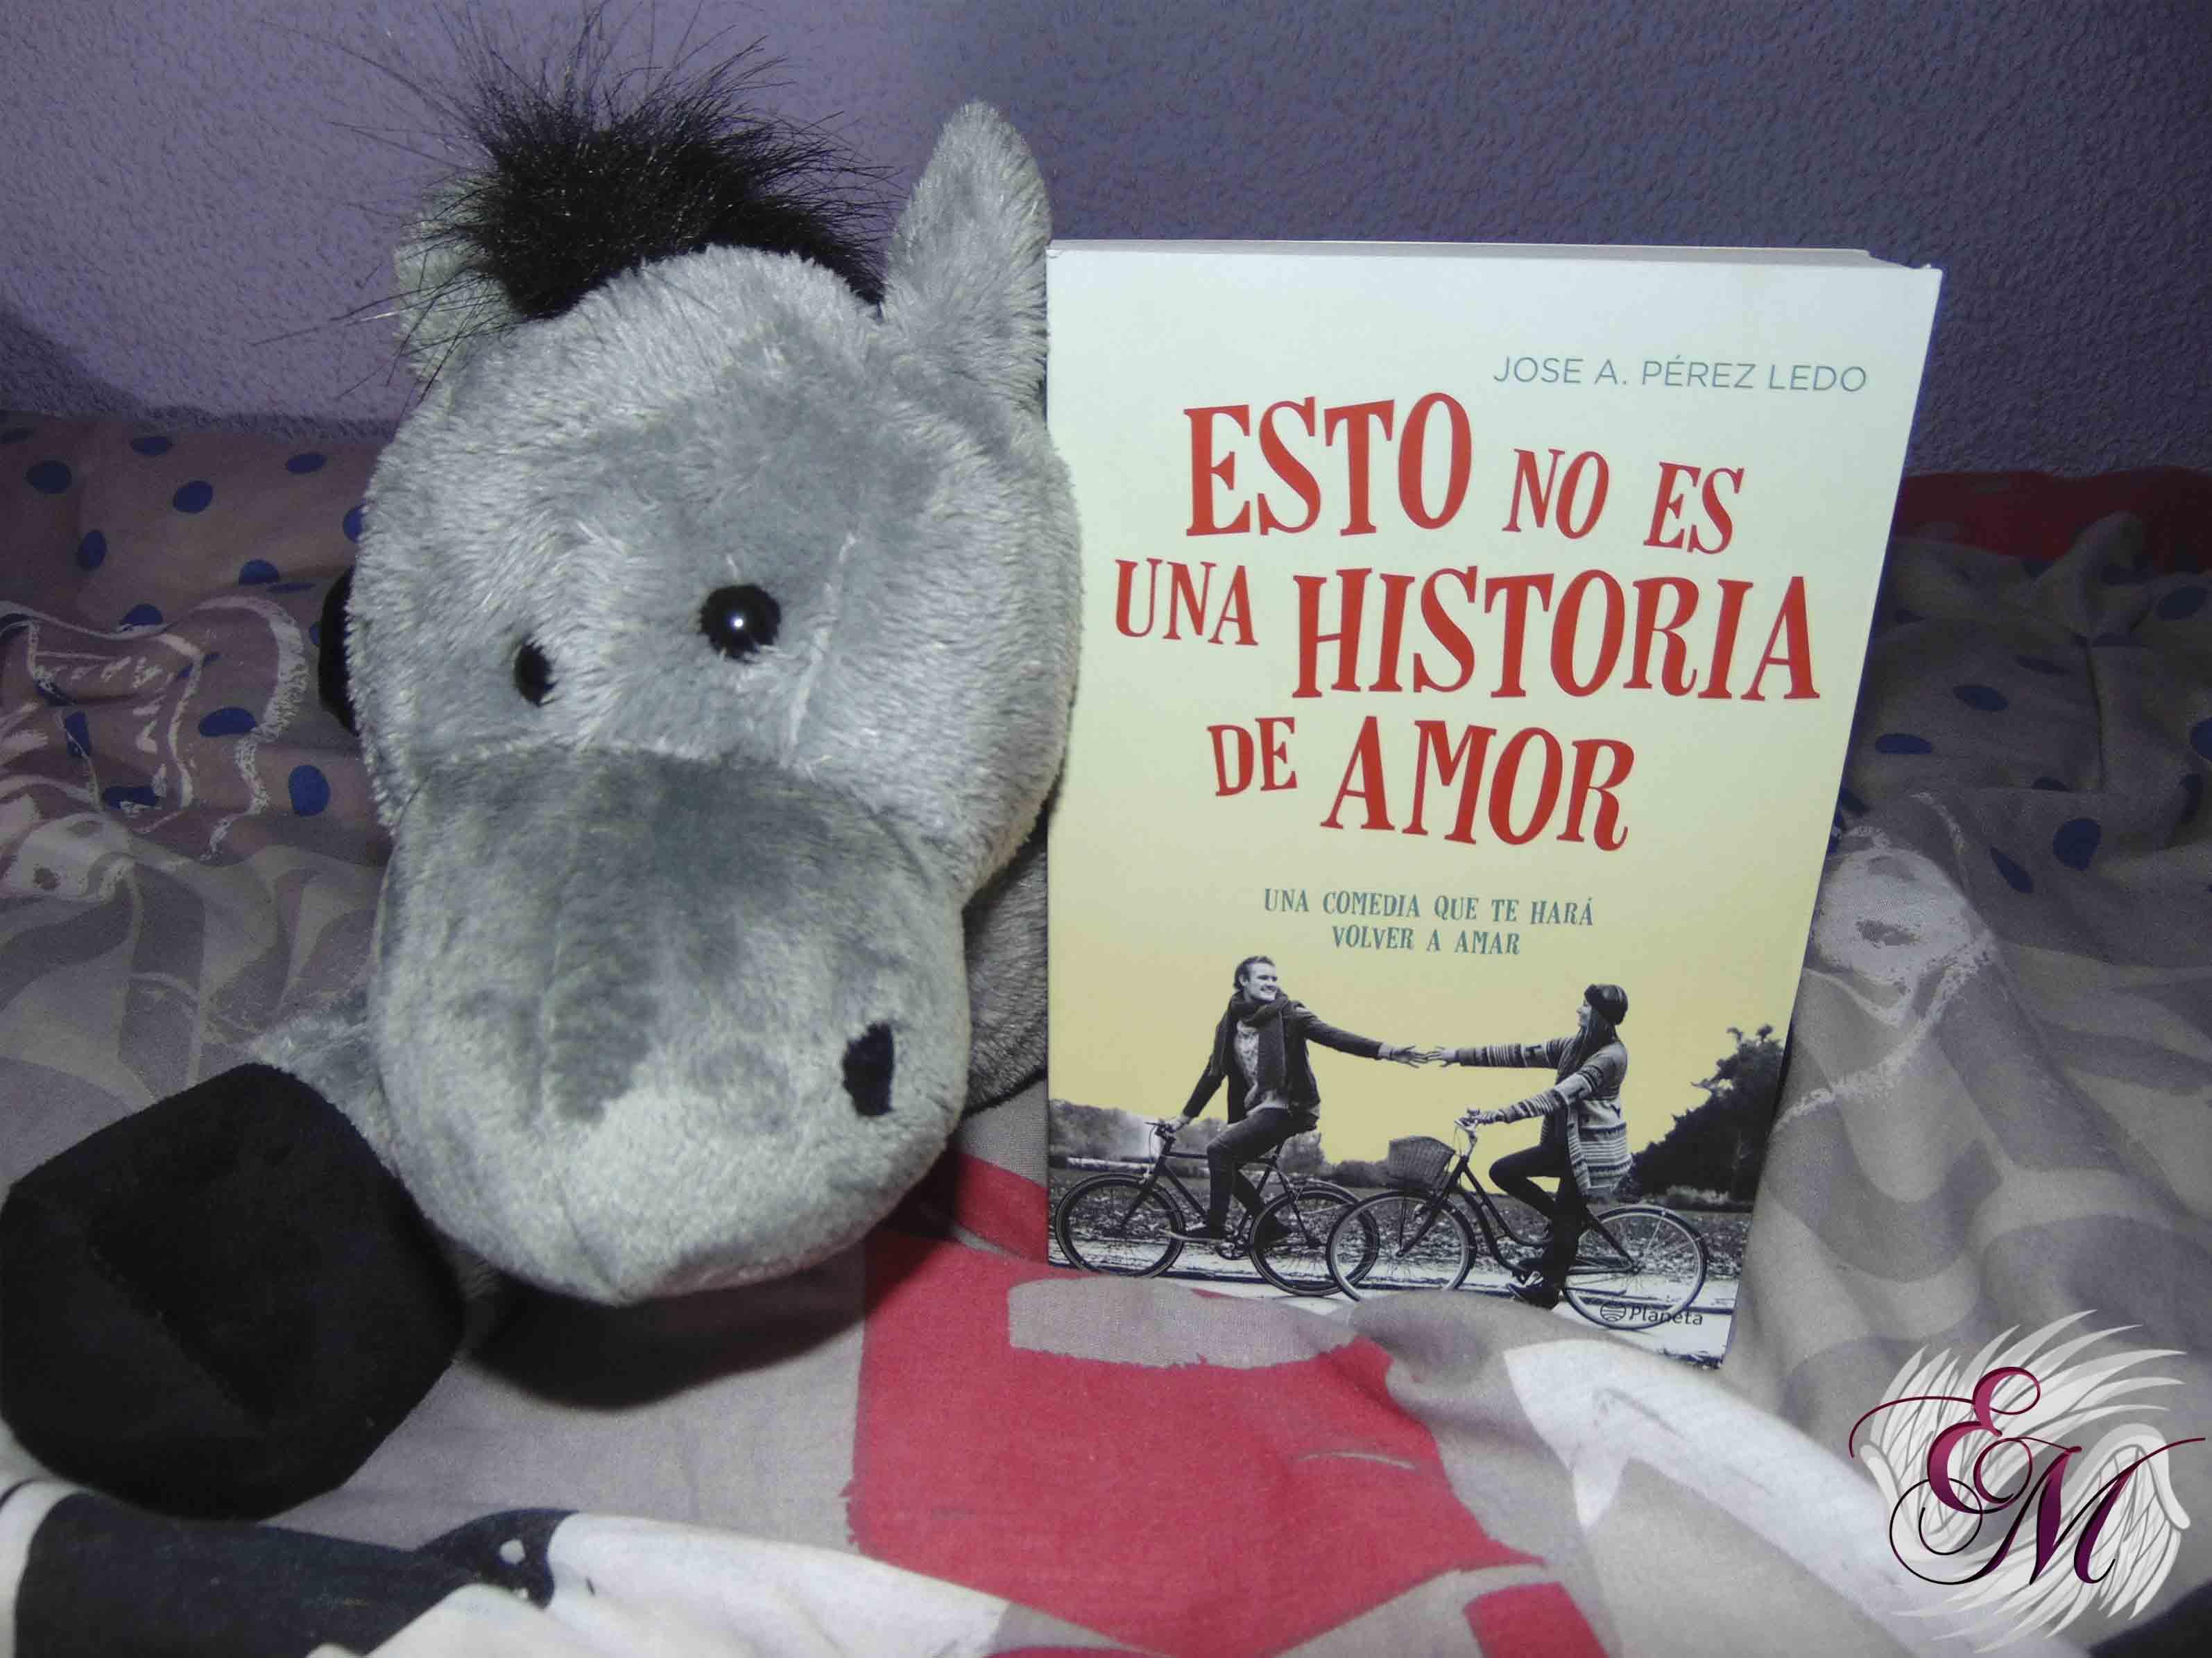 Esto no es una historia de amor, de Jose A. Pérez Ledo - Reseña